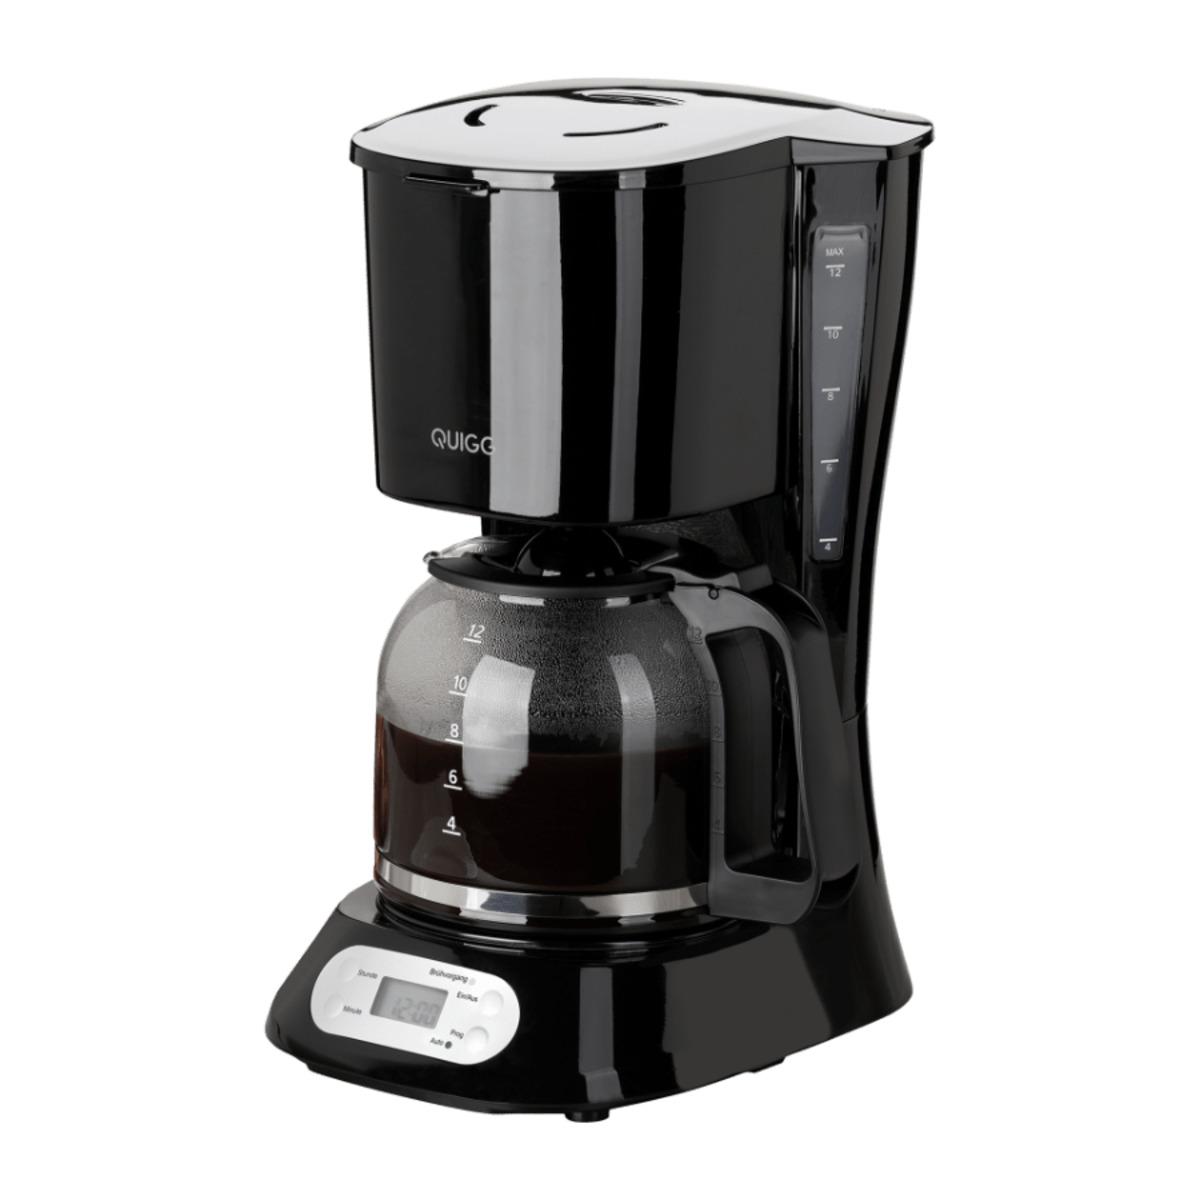 Bild 3 von QUIGG     Filter-Kaffeemaschine